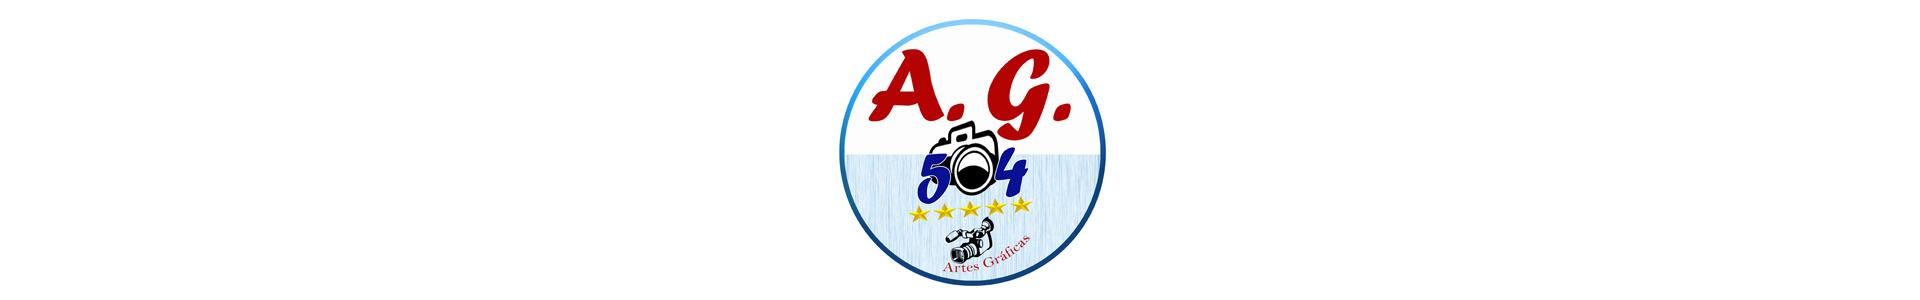 Artes Gráficas 504